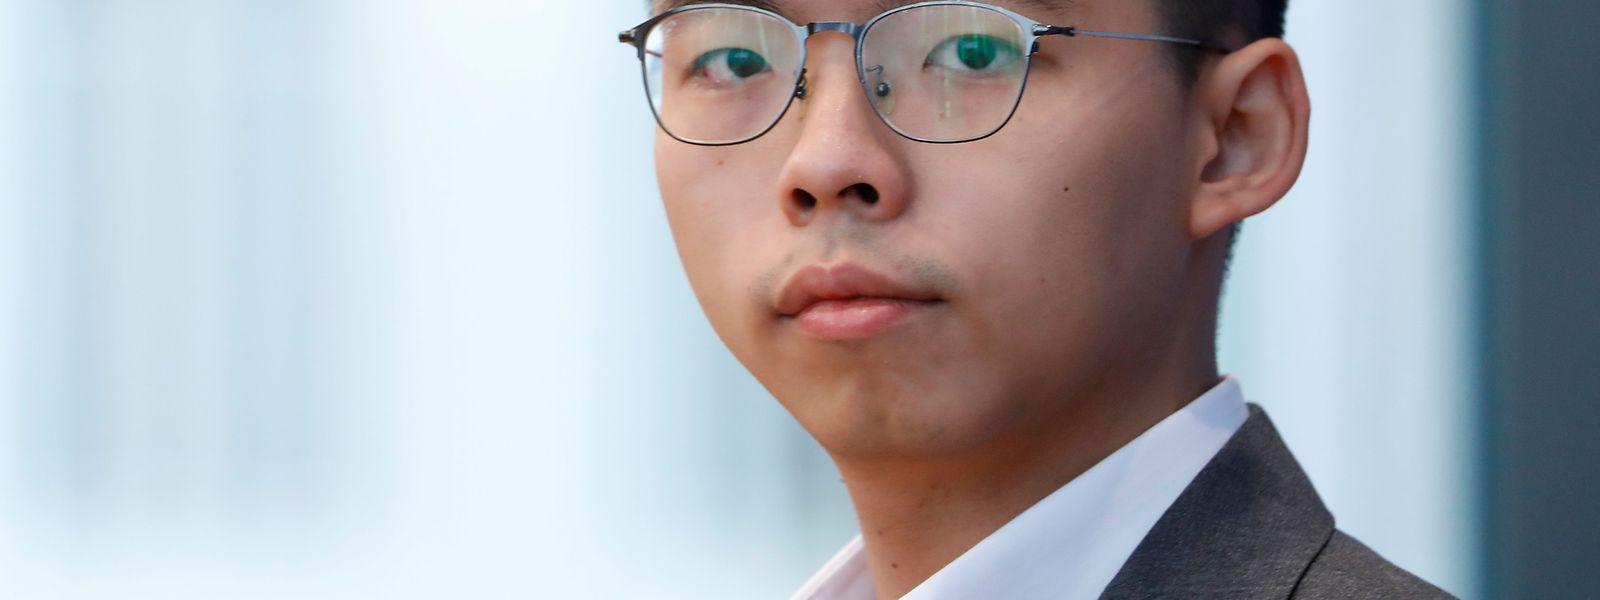 Der pro-demokratische Aktivist Joshua Wong, bedauert, dass die Möglichkeiten für eine institutionelle Lösung immer geringer werden.